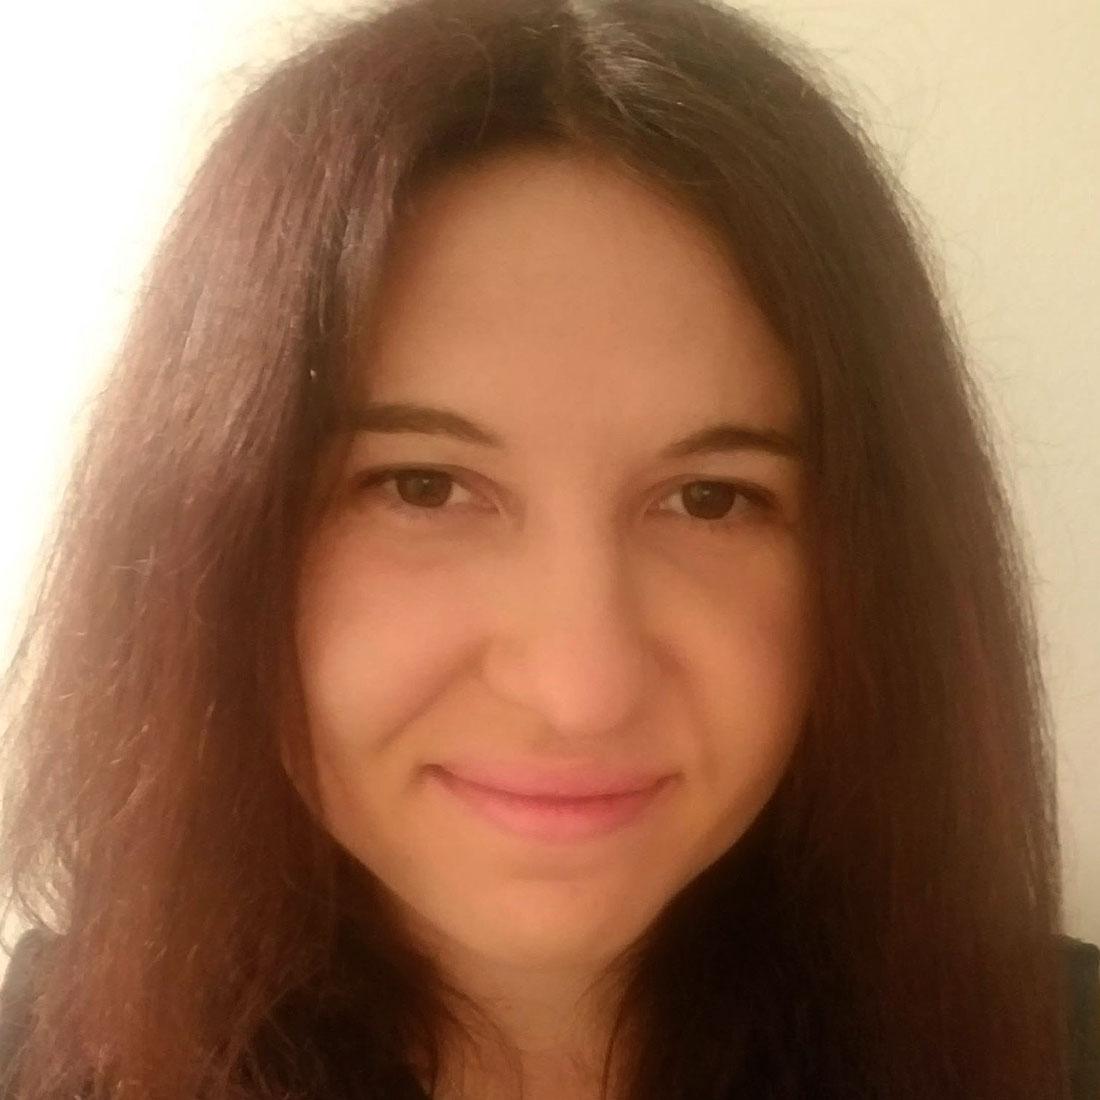 image of Angela Polar